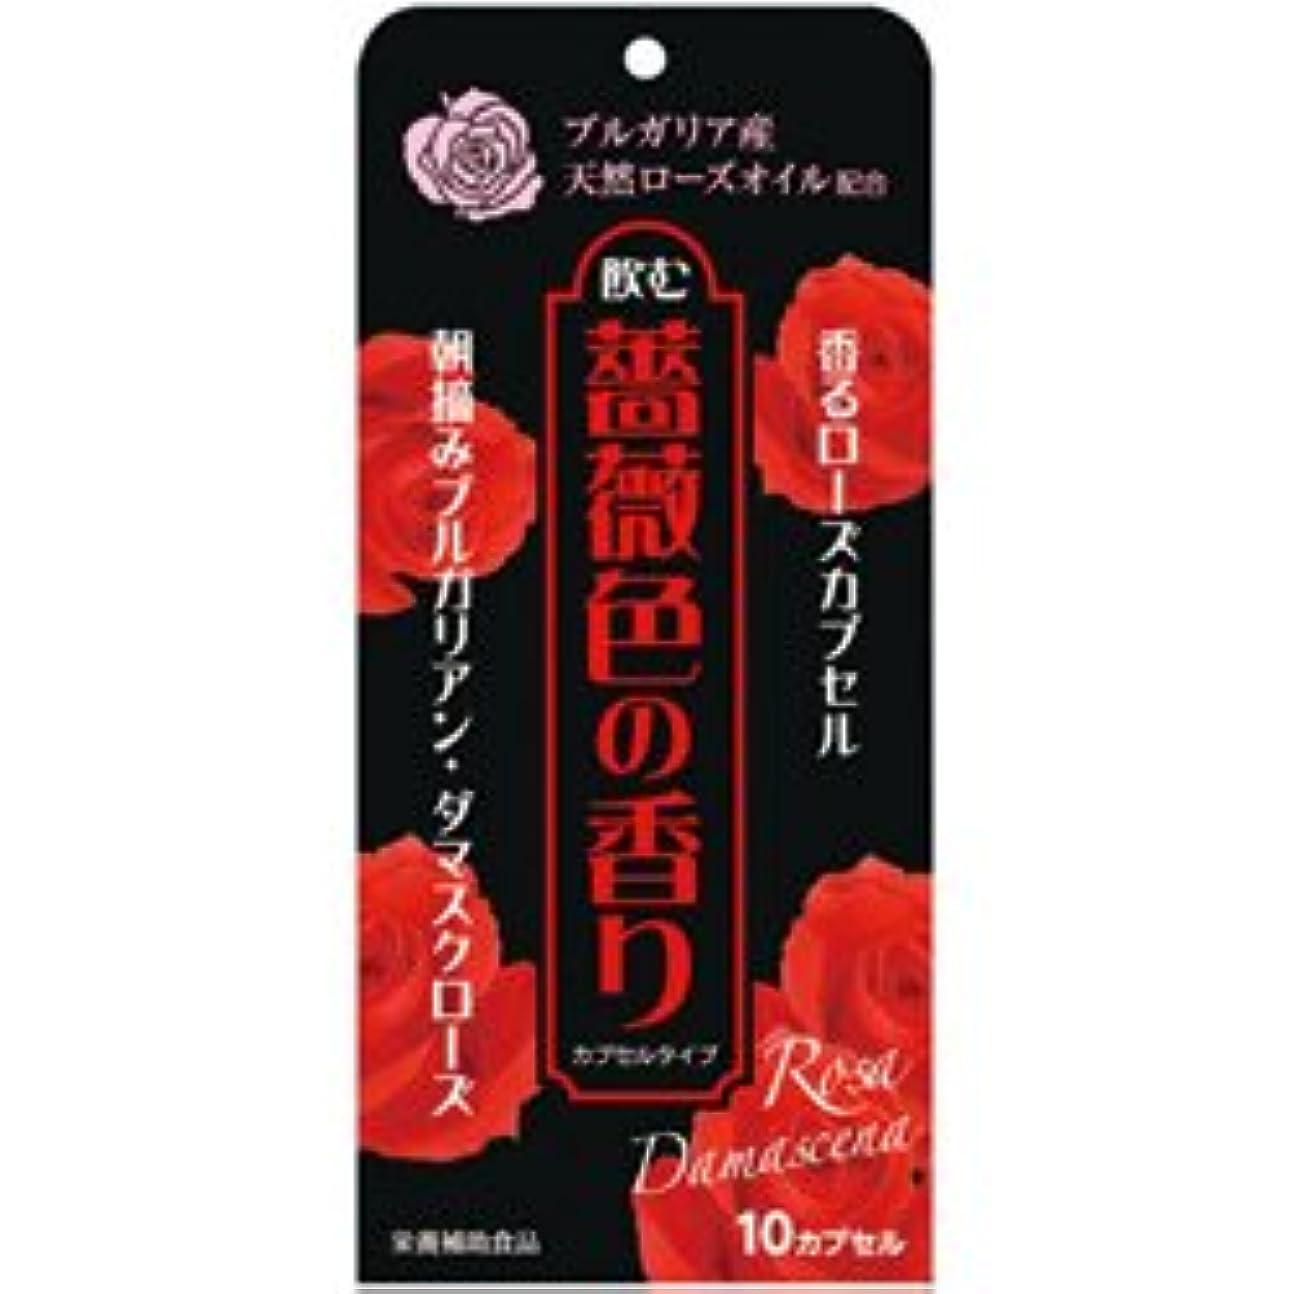 多くの危険がある状況モード奇妙な【ウェルネスジャパン】飲む薔薇色の香り 10カプセル ×5個セット